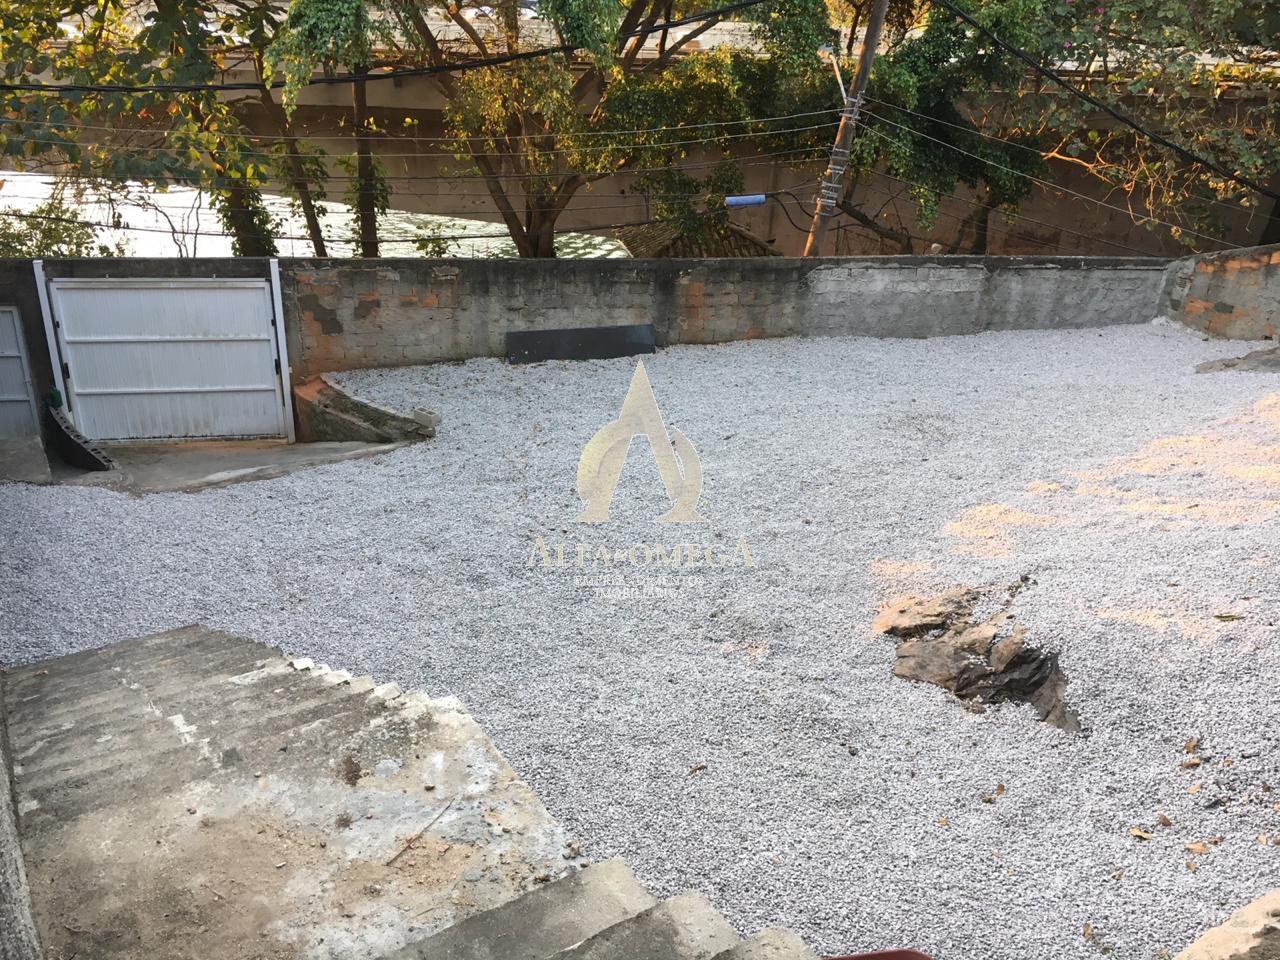 FOTO 3 - Terreno 2000m² à venda Joá, Rio de Janeiro - R$ 1.500.000 - AOT00001 - 4